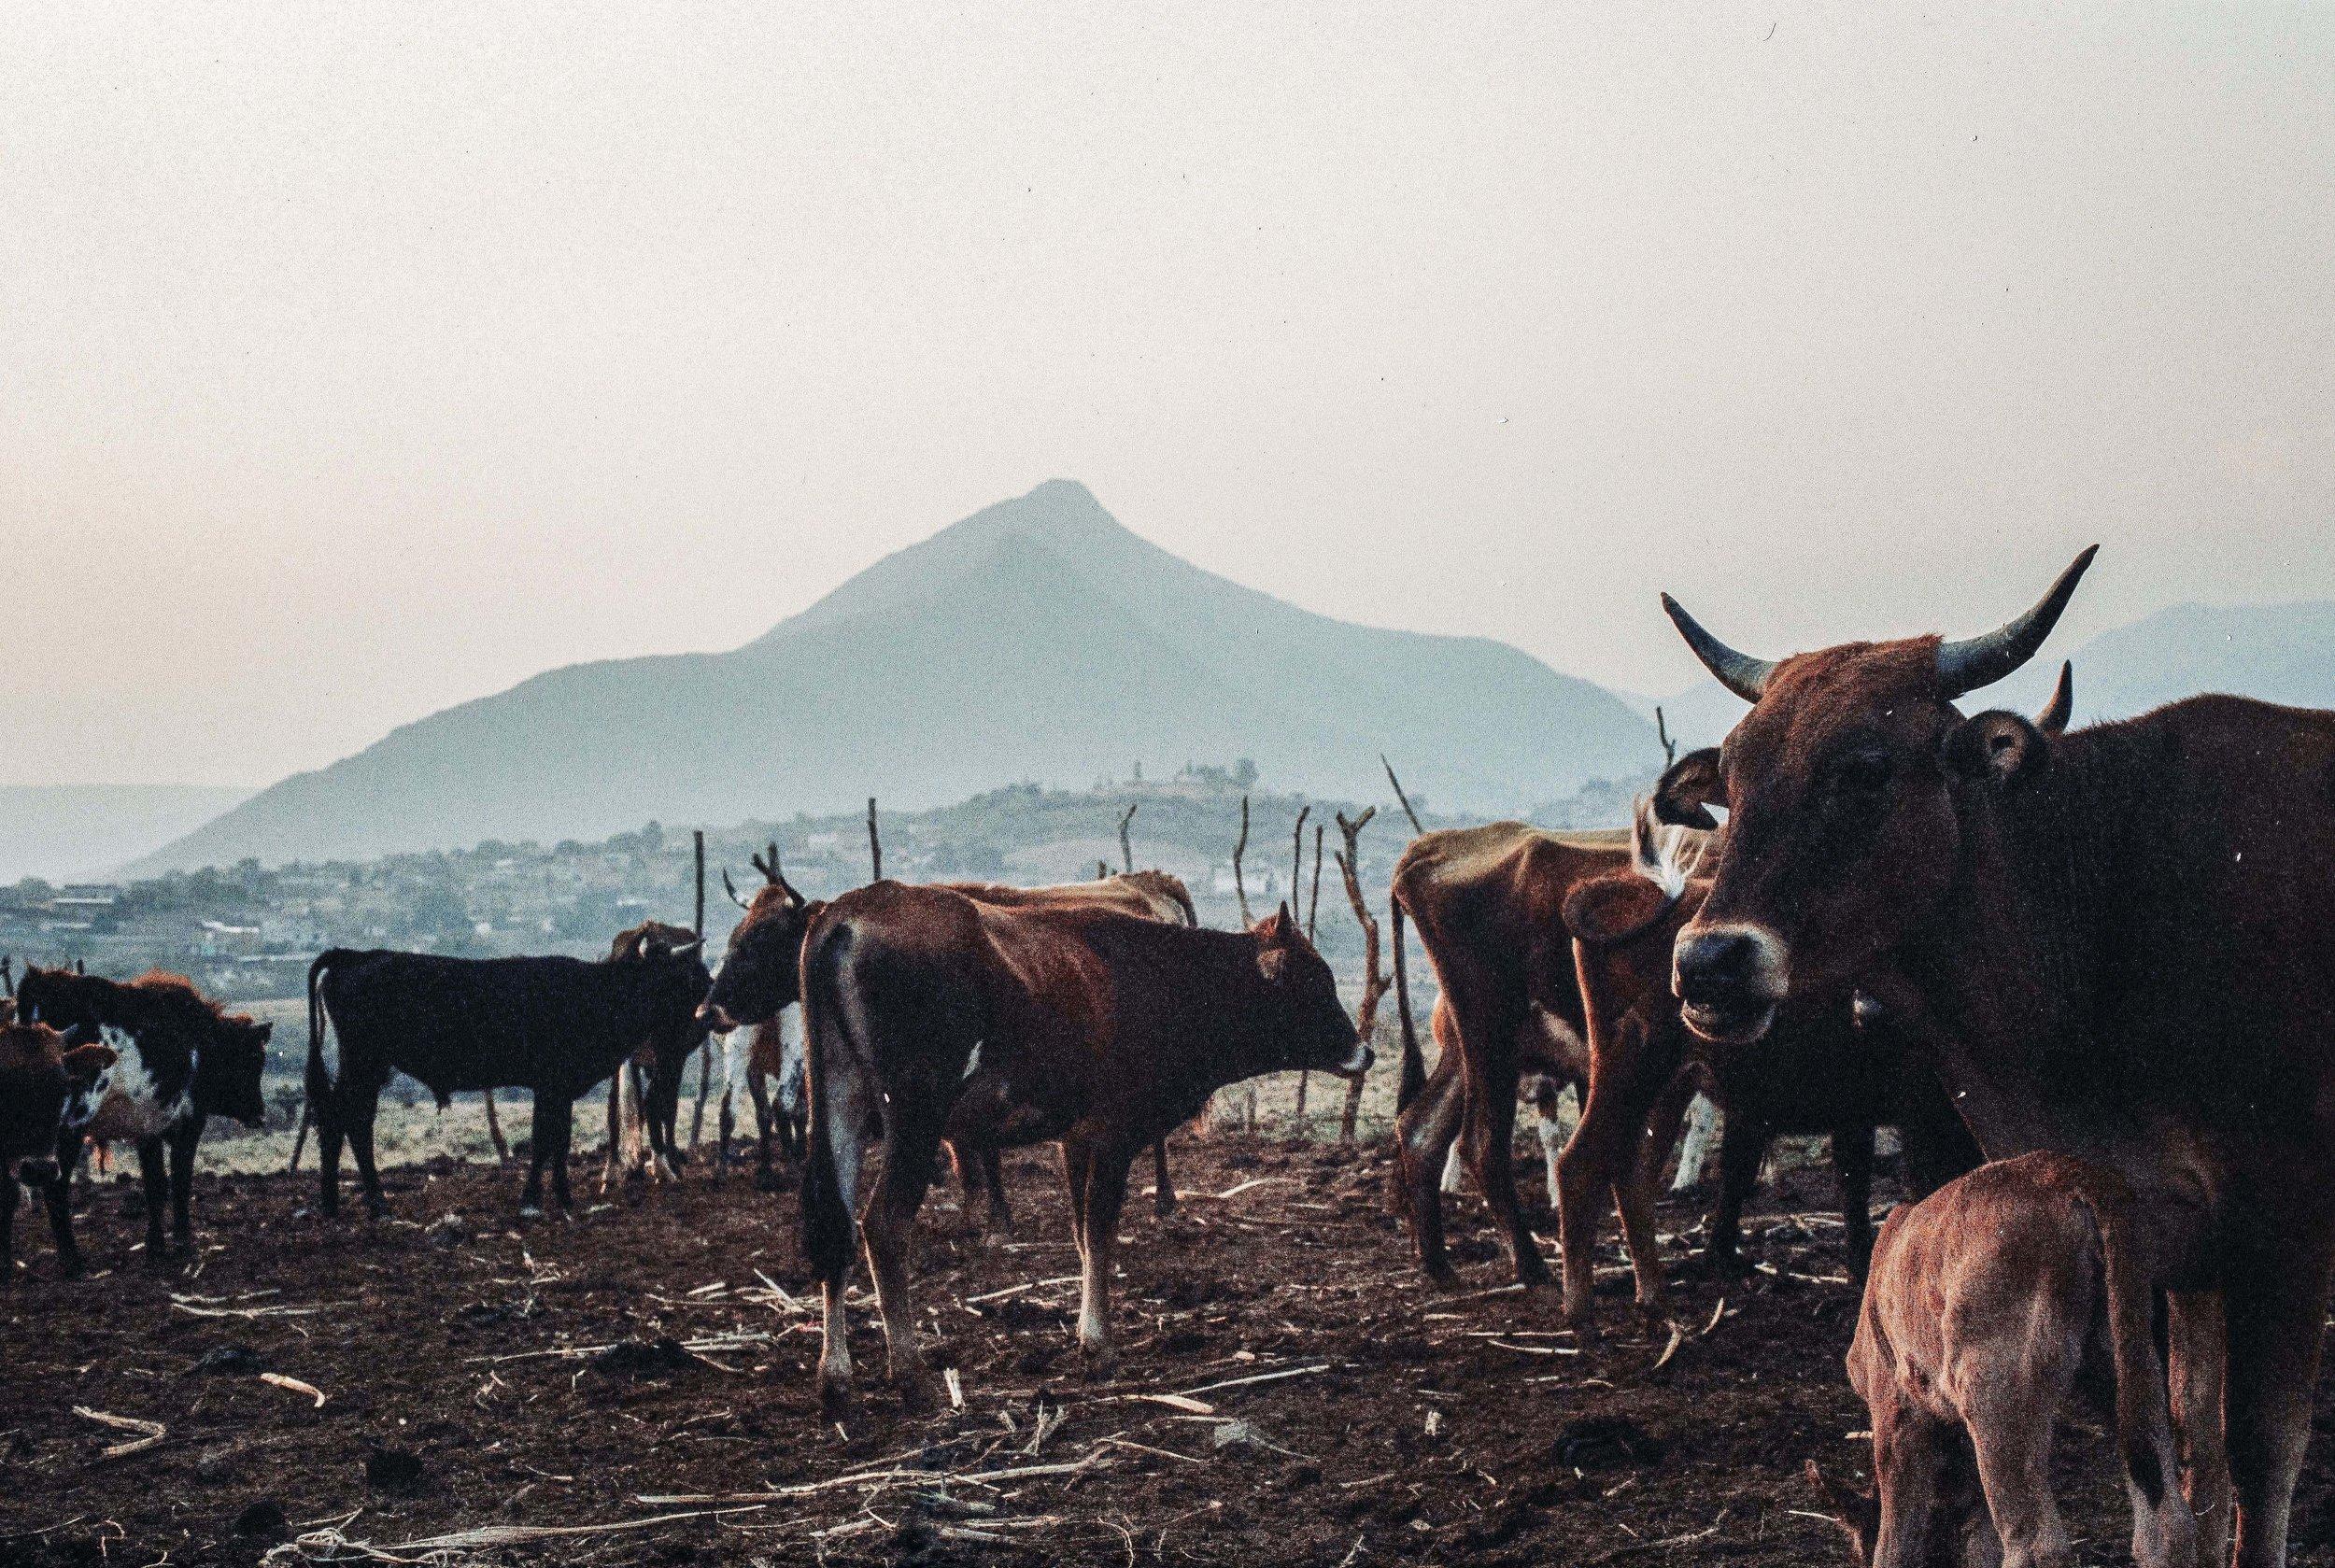 Cows Picacho.jpg